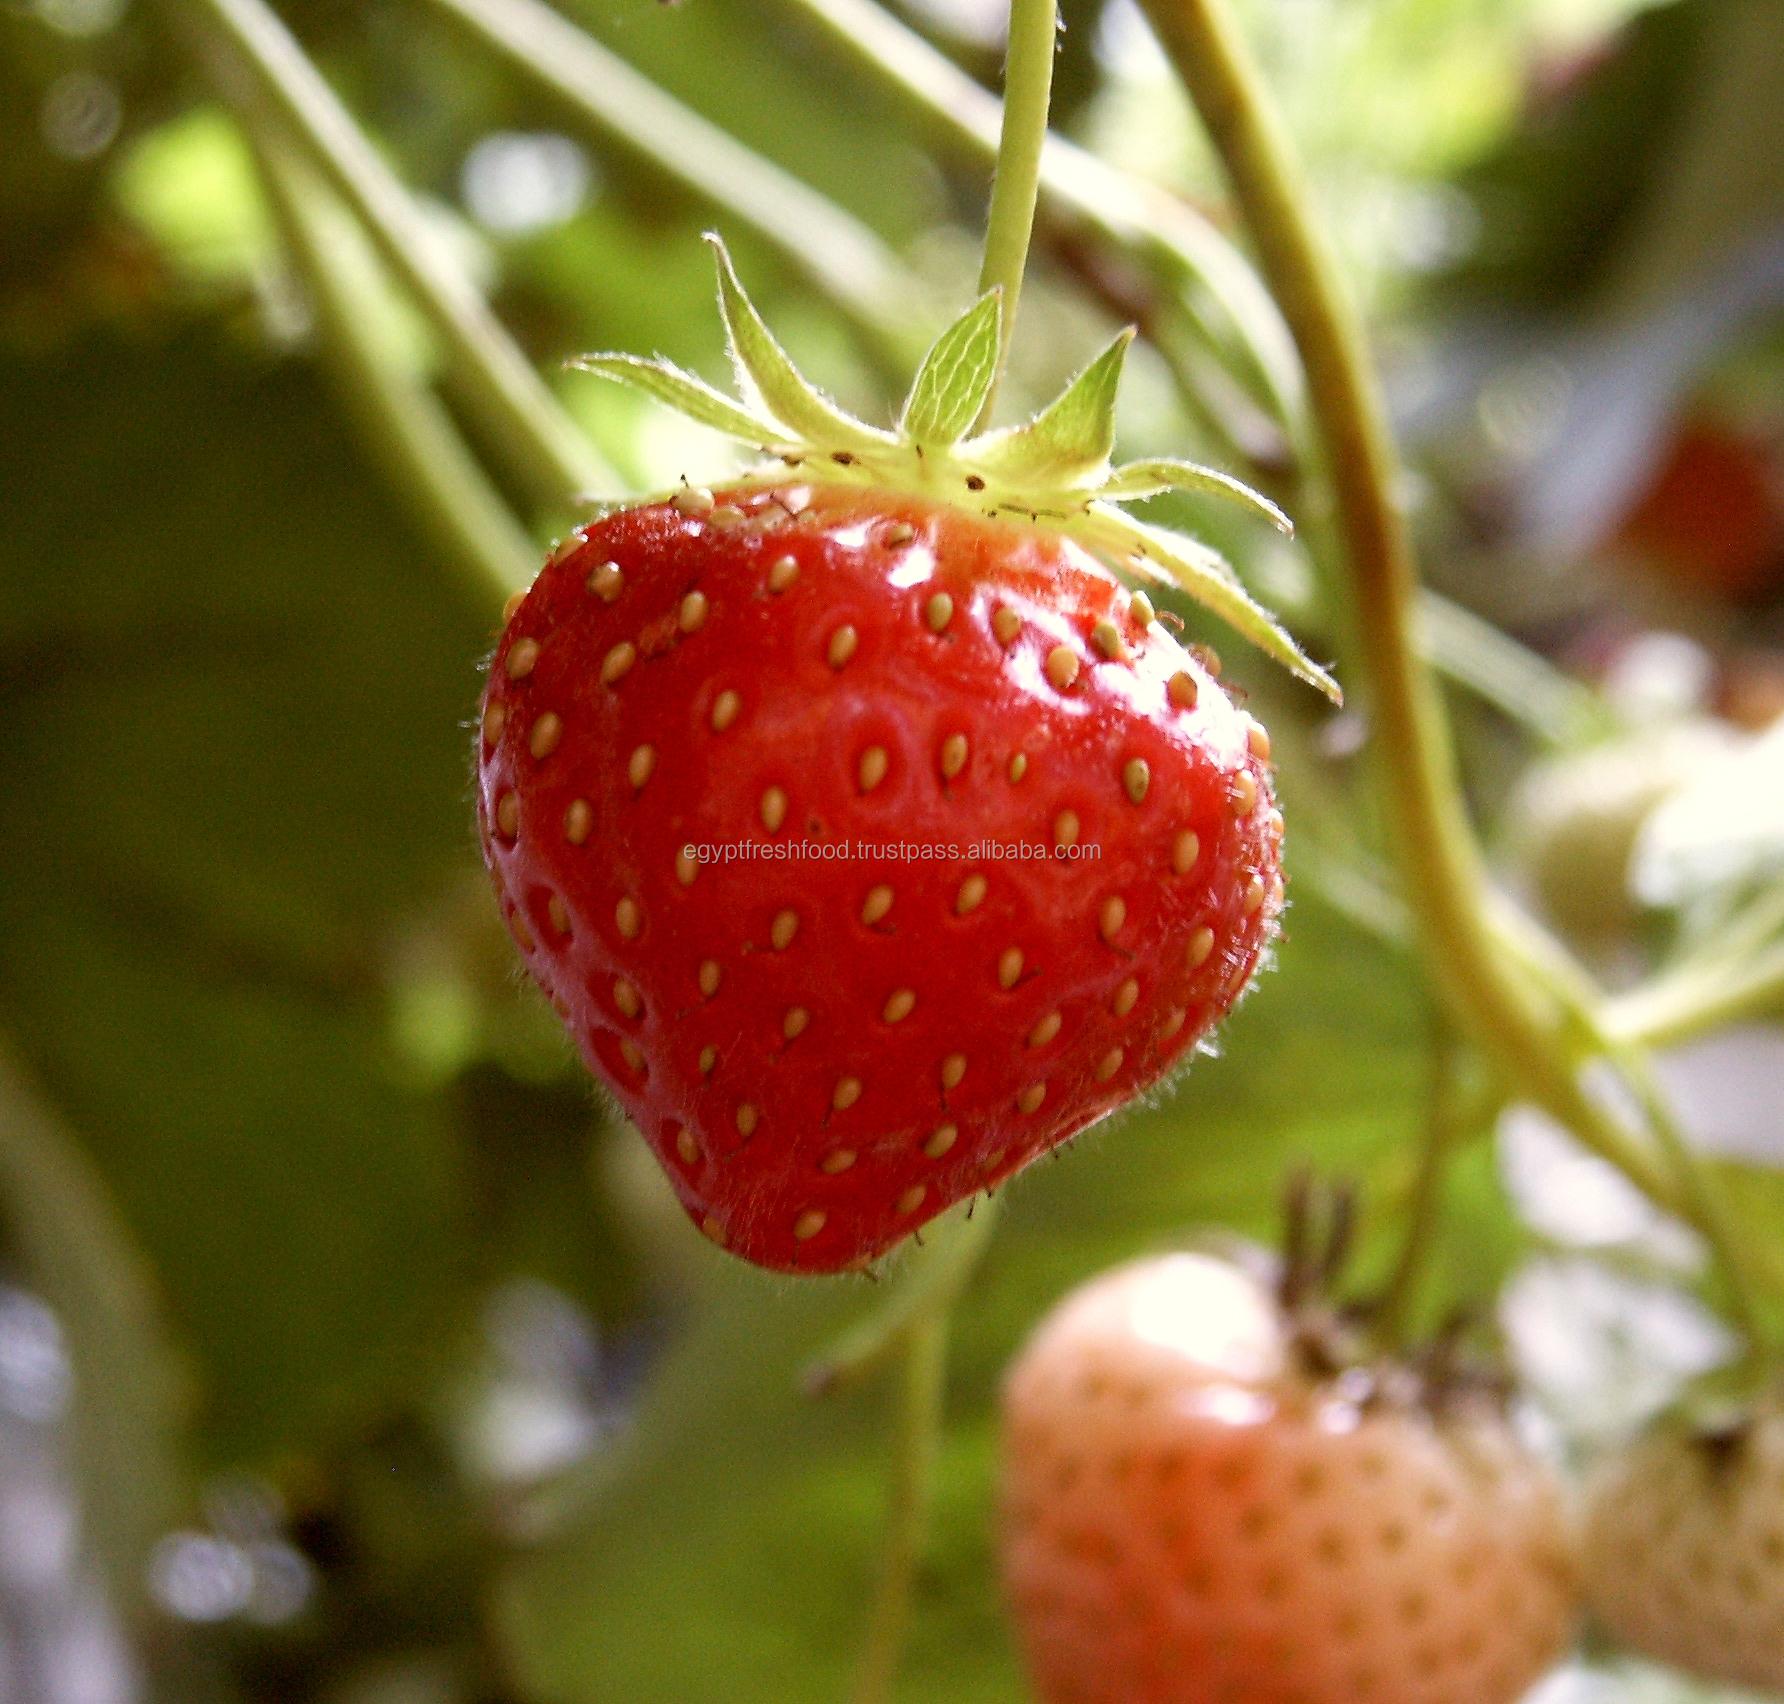 Tomate fraîche, tomate verte cerise, culture fraîche à vendre 2019 prêt à l'exportation